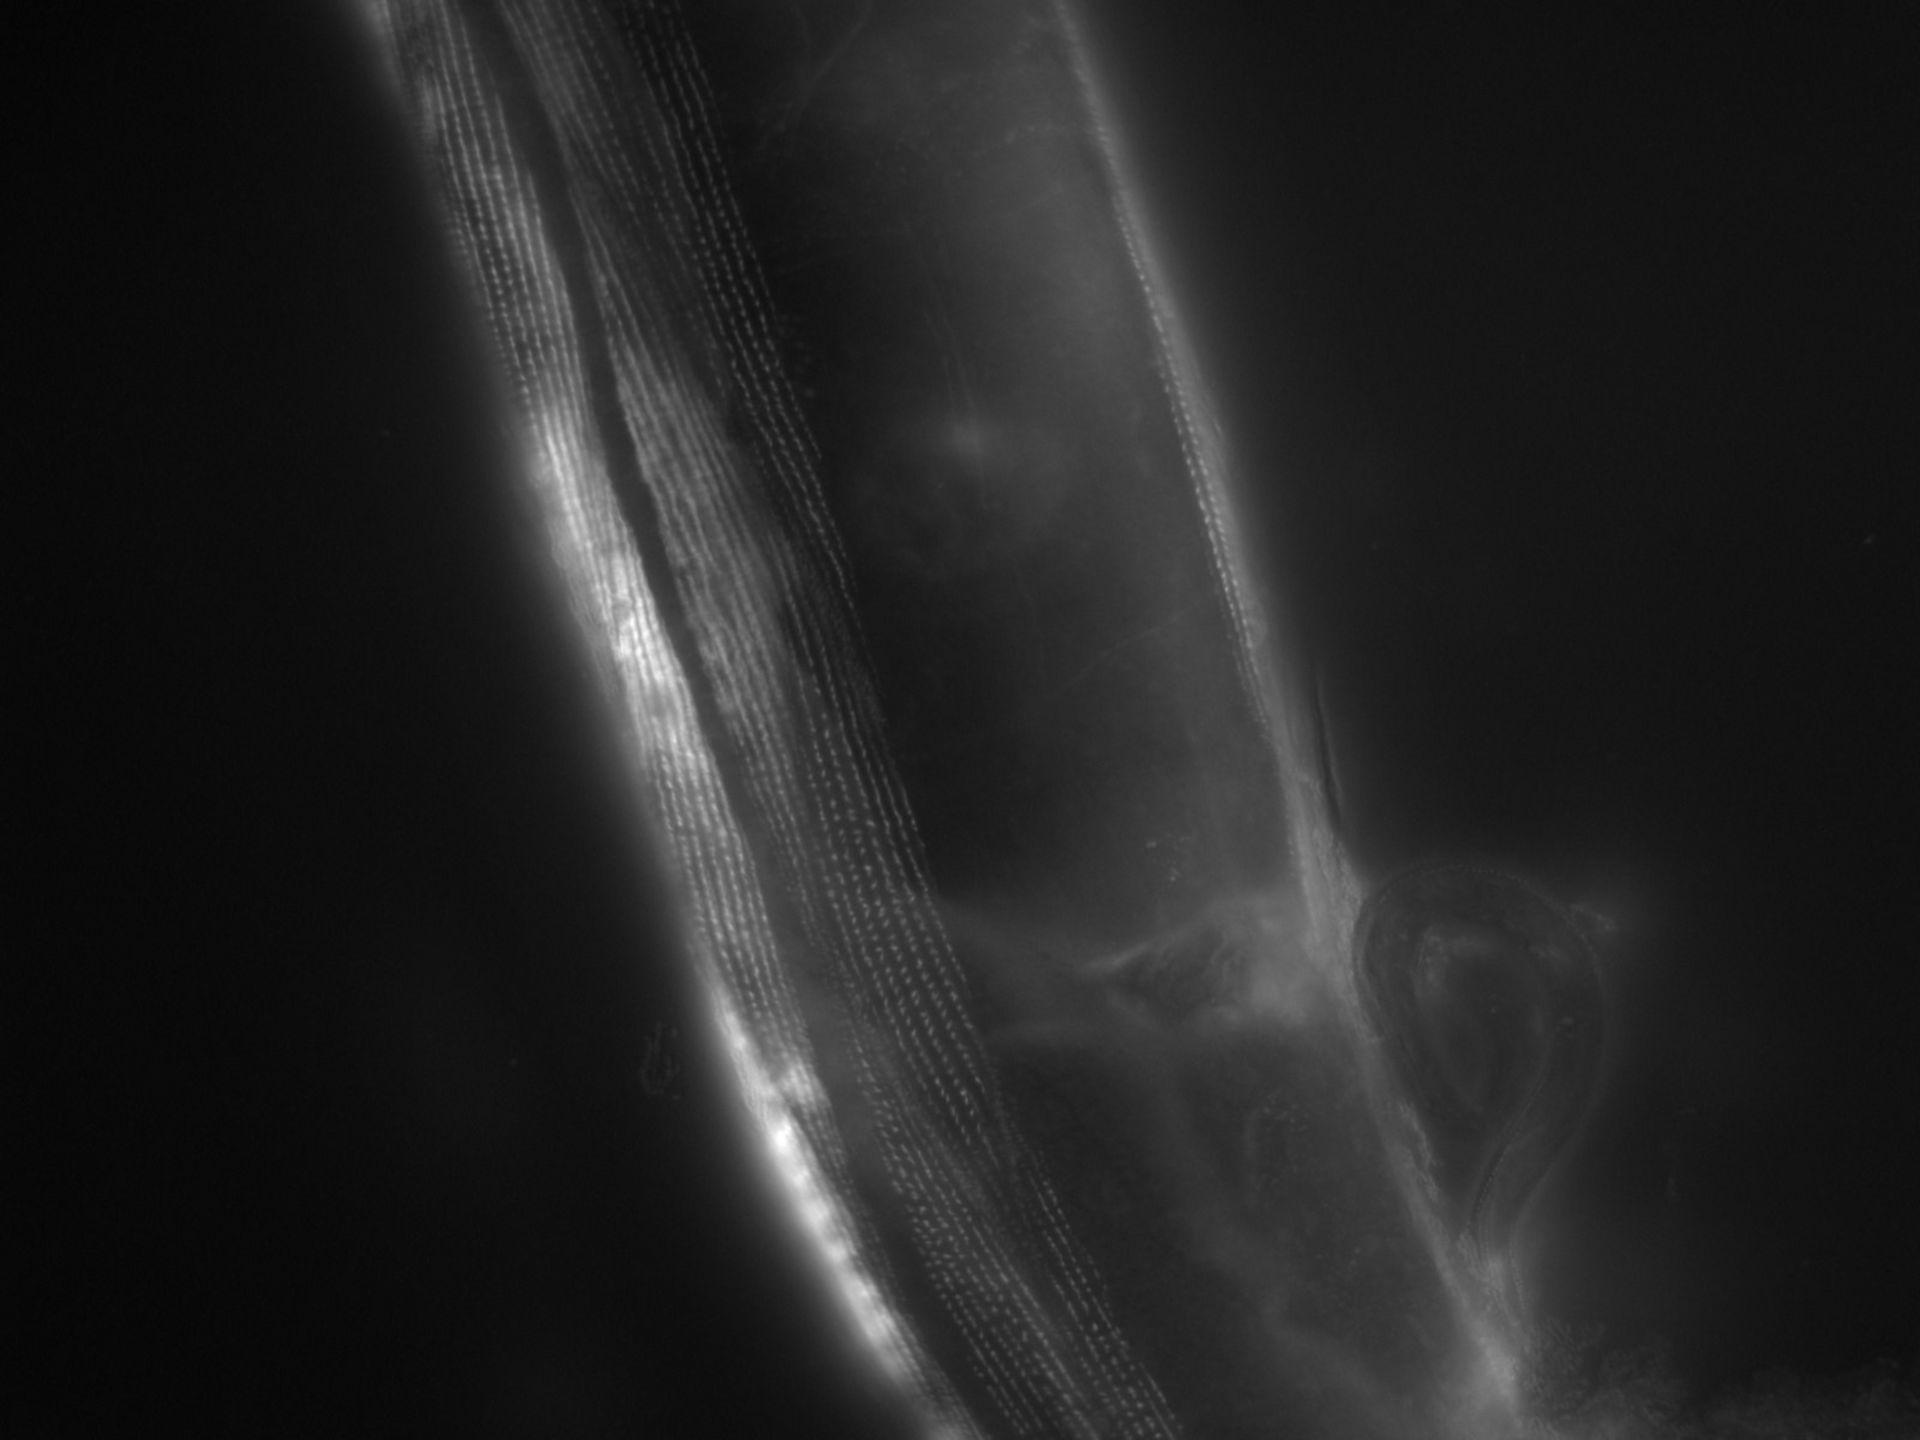 Caenorhabditis elegans (Actin filament) - CIL:1191